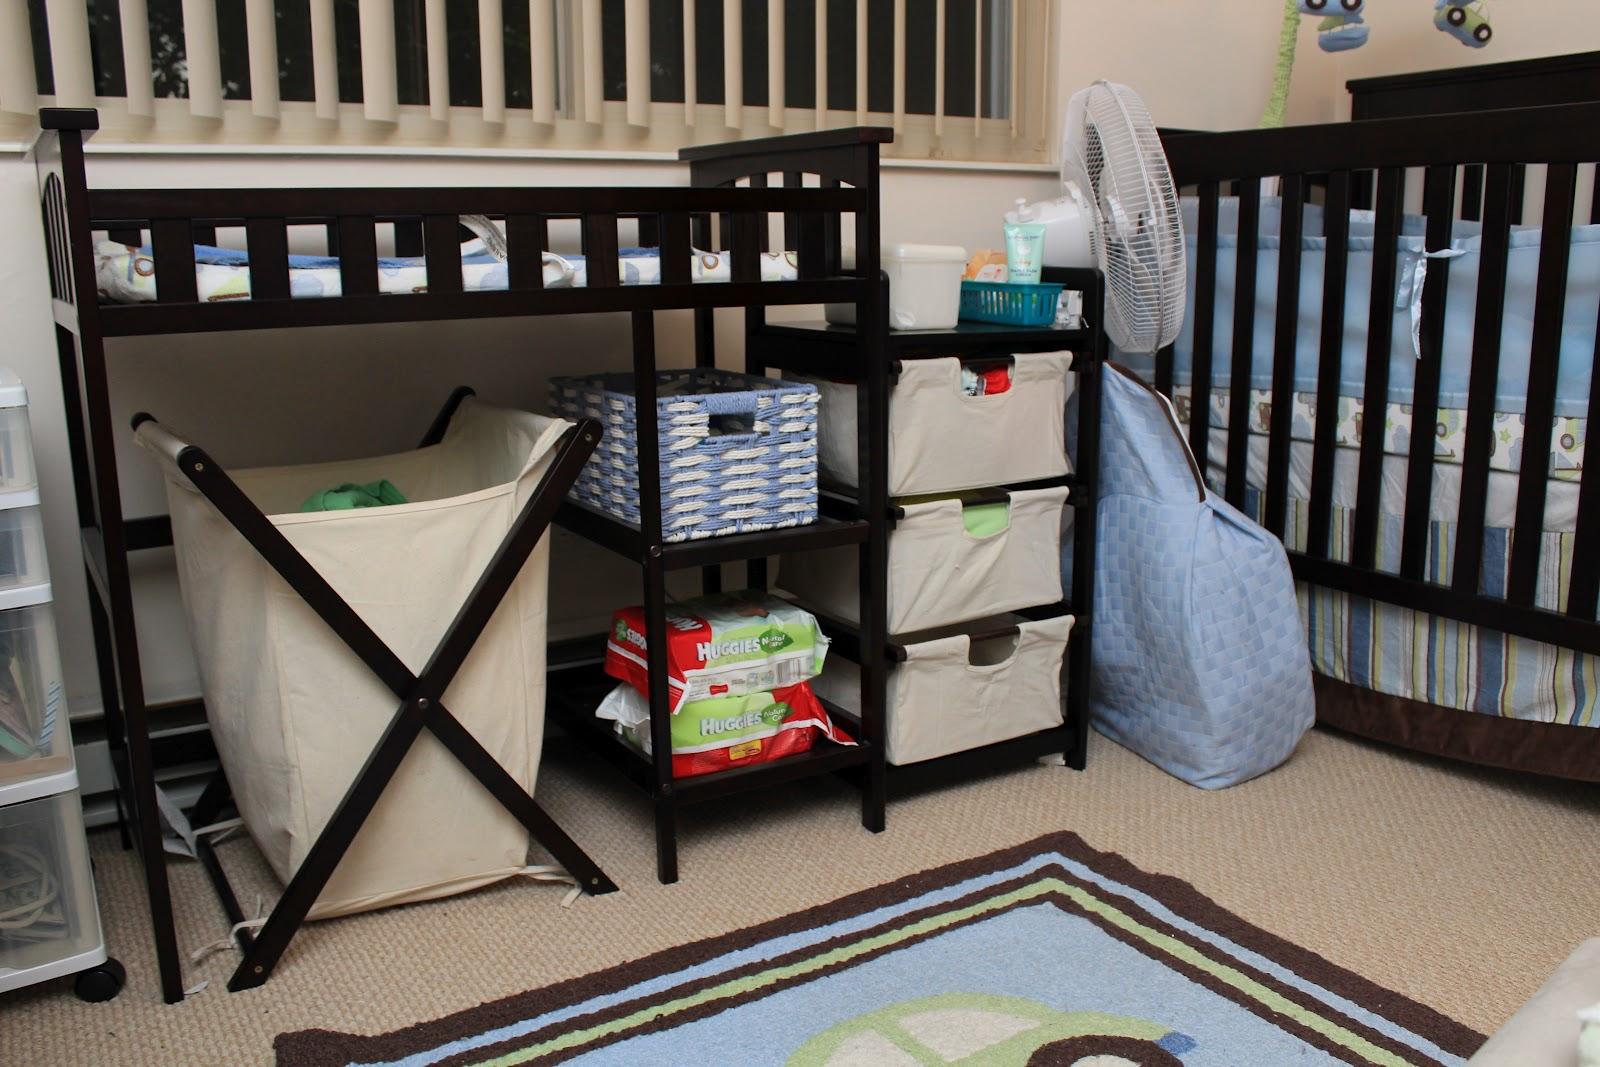 Cloth Diaper Storage & Cloth Diaper Storage - The Accidental Wallflower